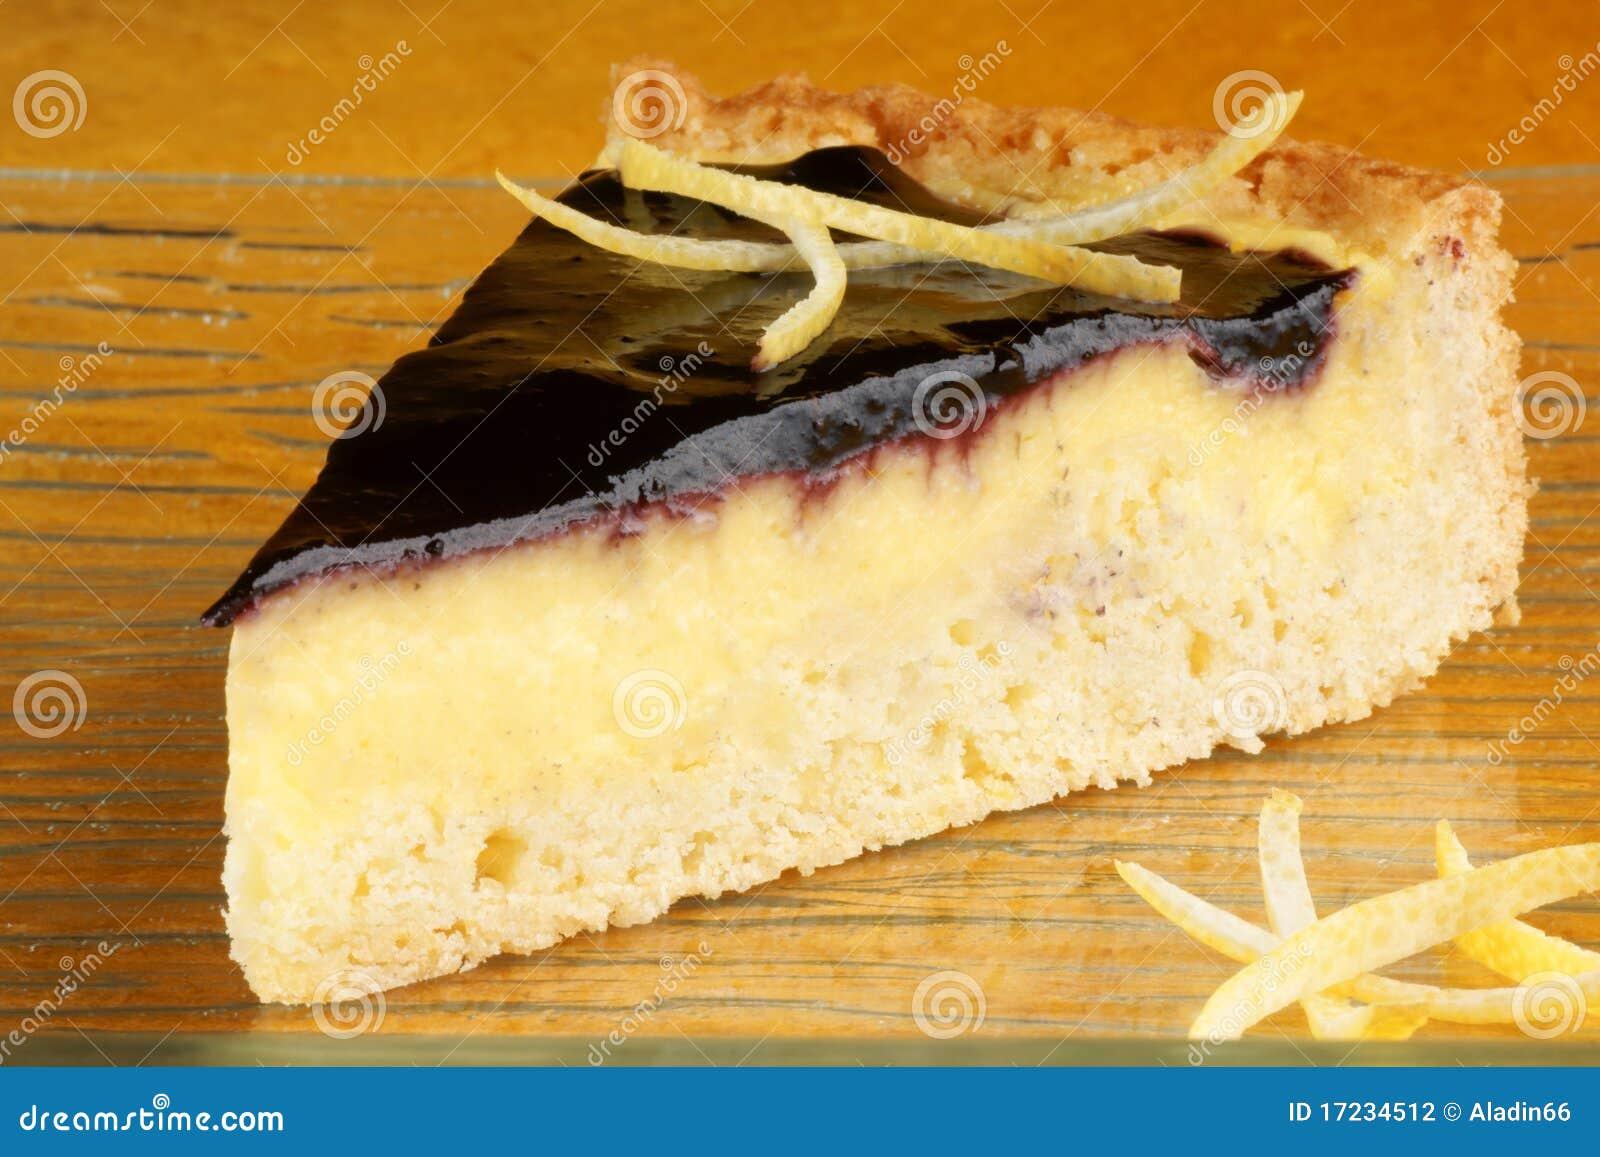 Blueberry Vanilla Custard Cake